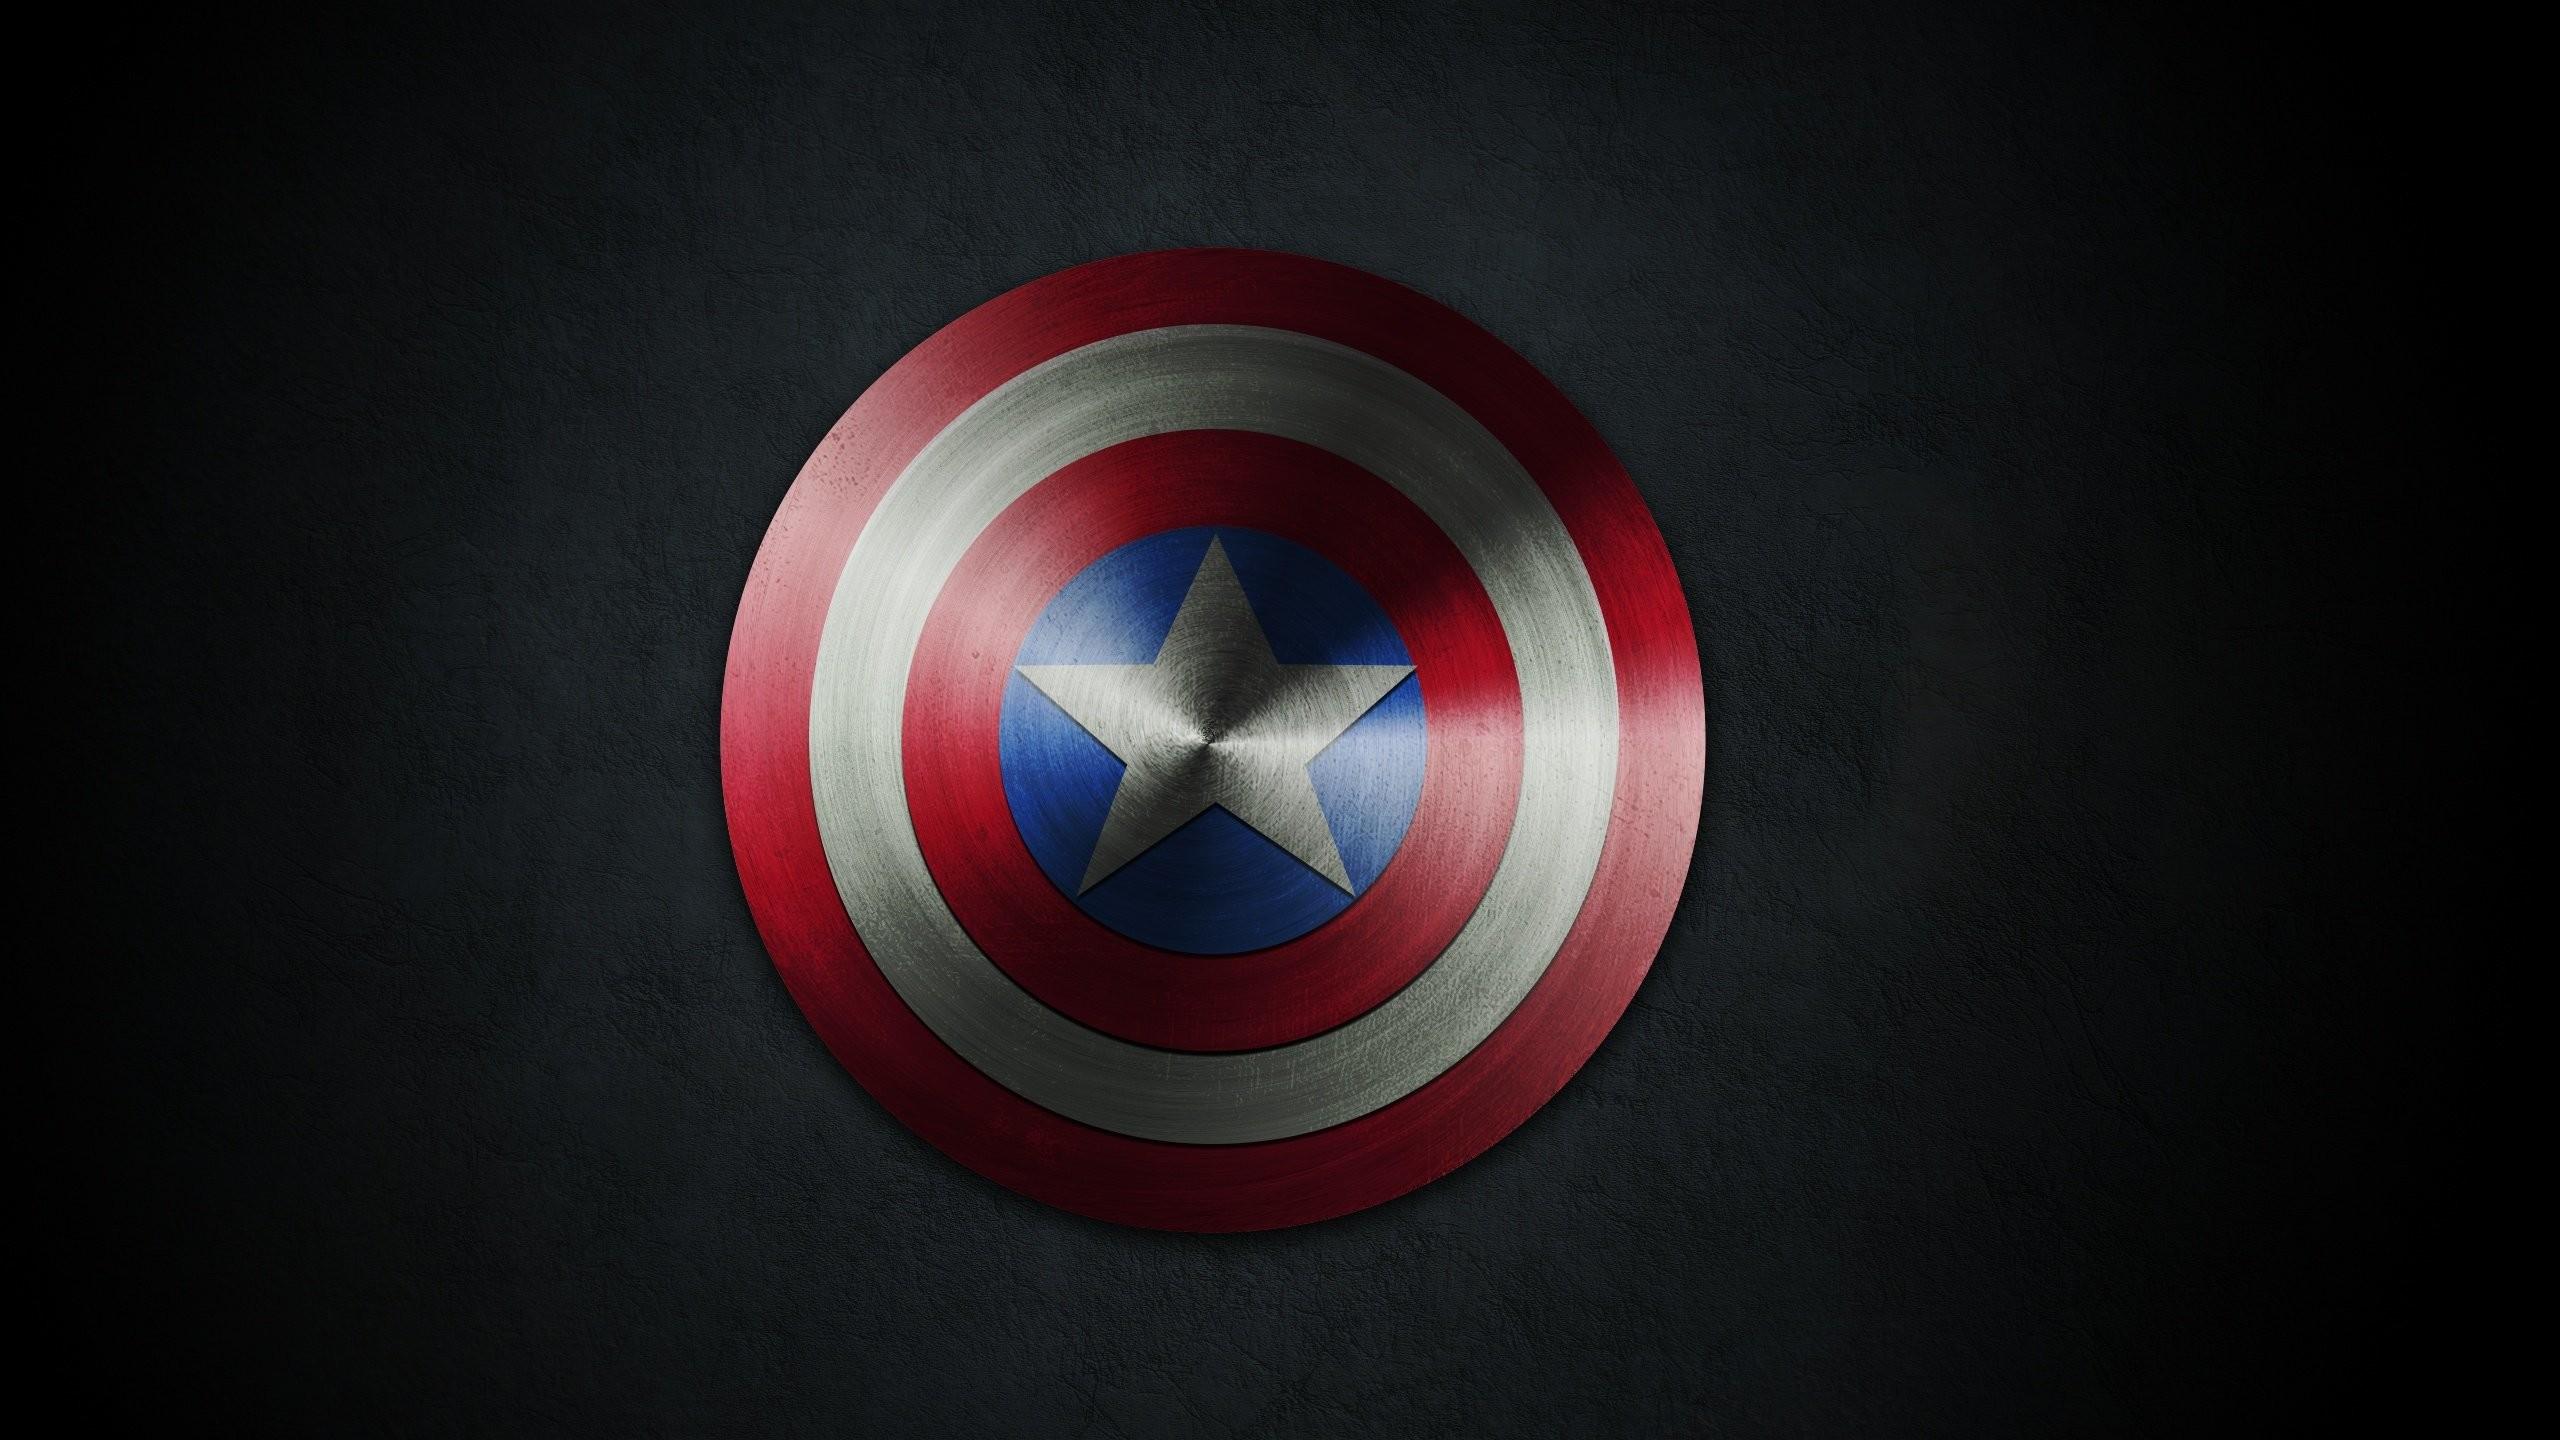 2880x1800 Chris Evans Captain America Winter Soldier HD Wide Wallpaper For 4K UHD Widescreen Desktop Smartphone